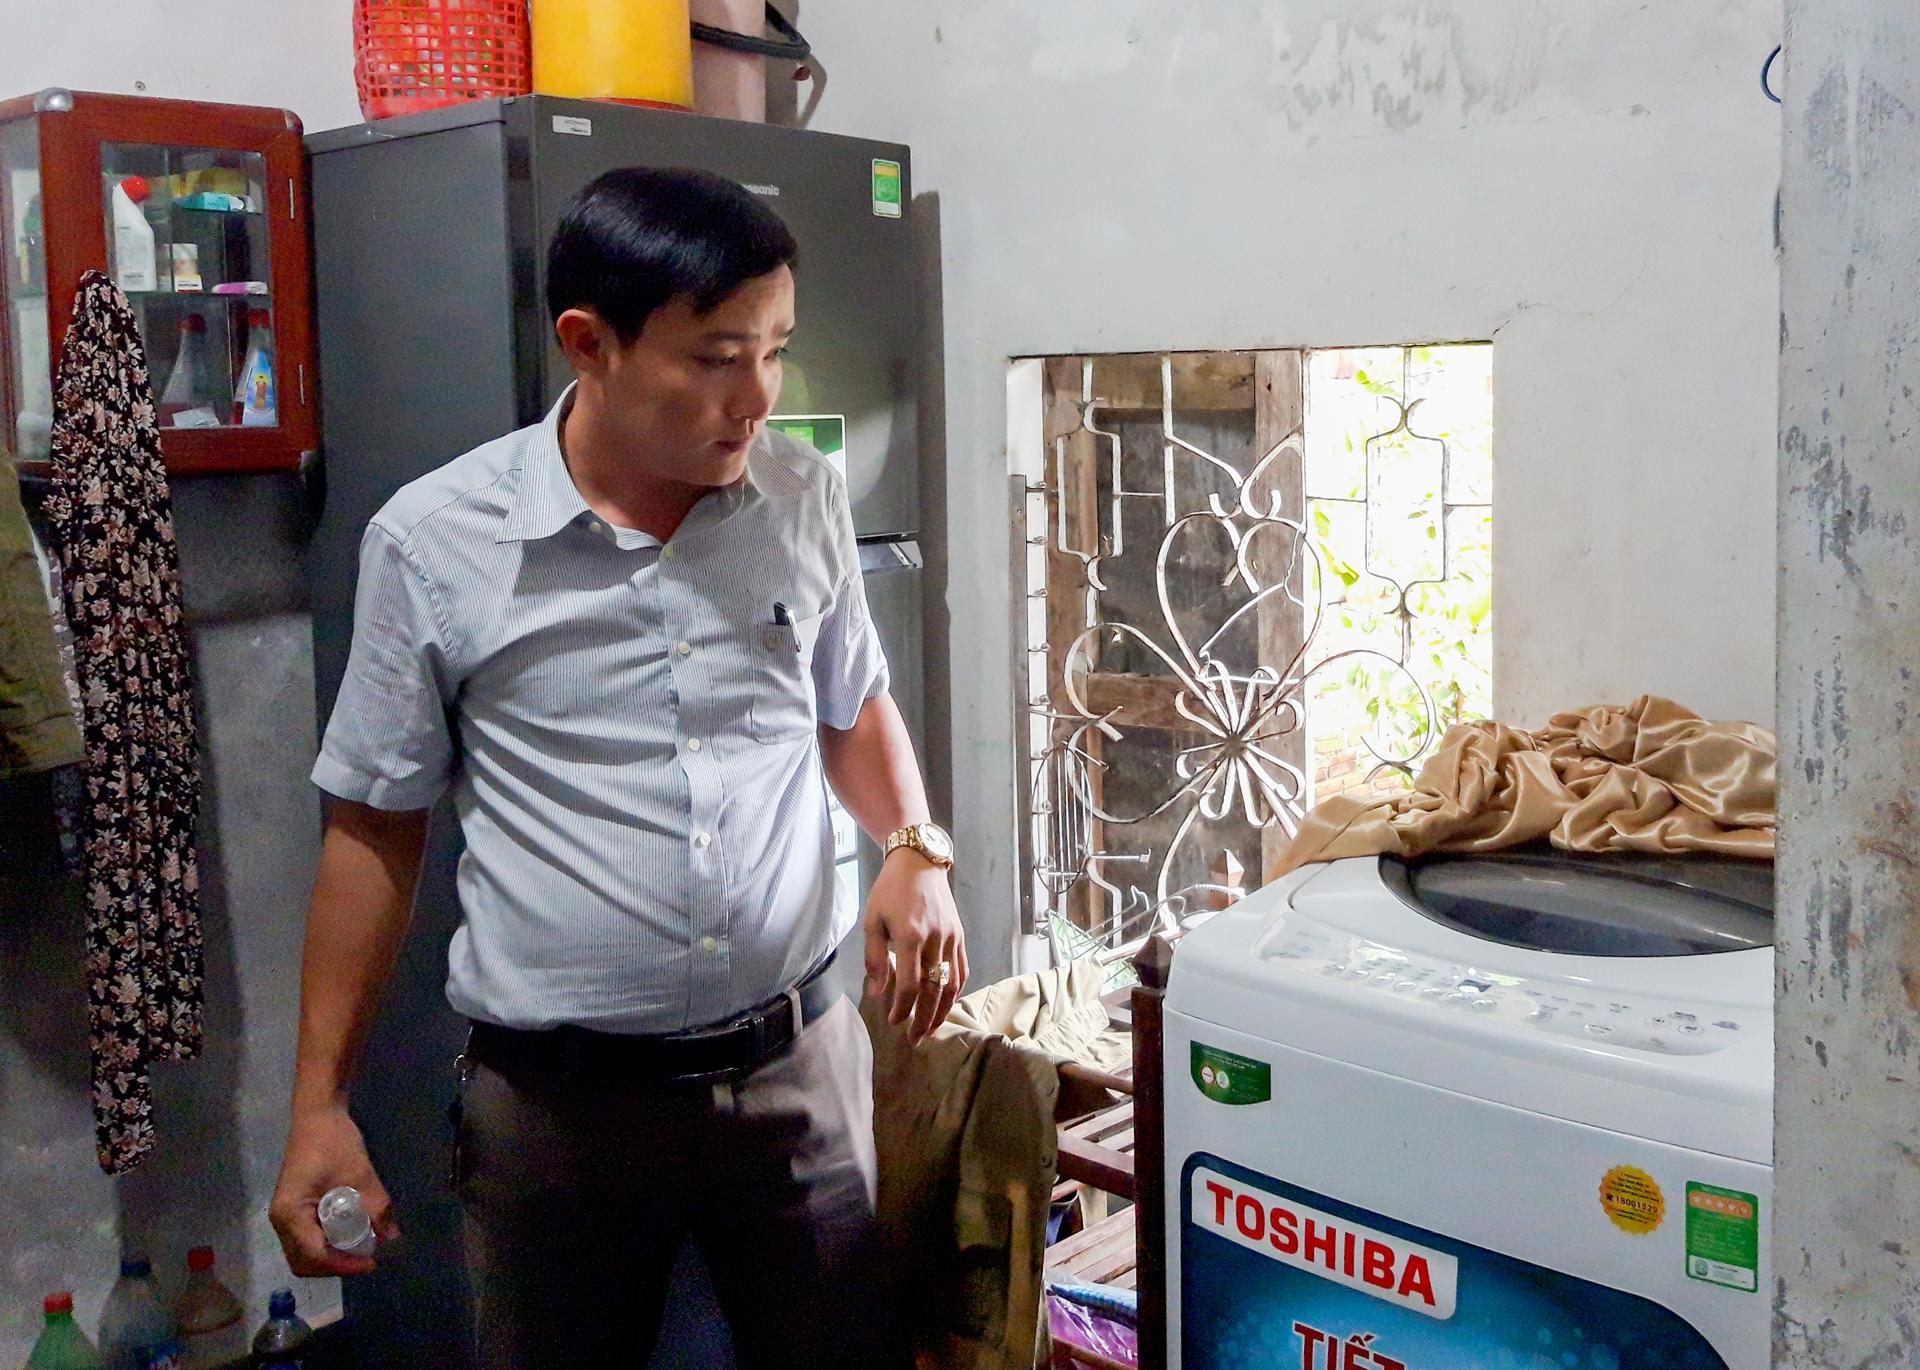 Các thiết bị trong gia đình không thể sử dụng được vì thiếu nước. Ảnh: QUÂN -  THẮNG